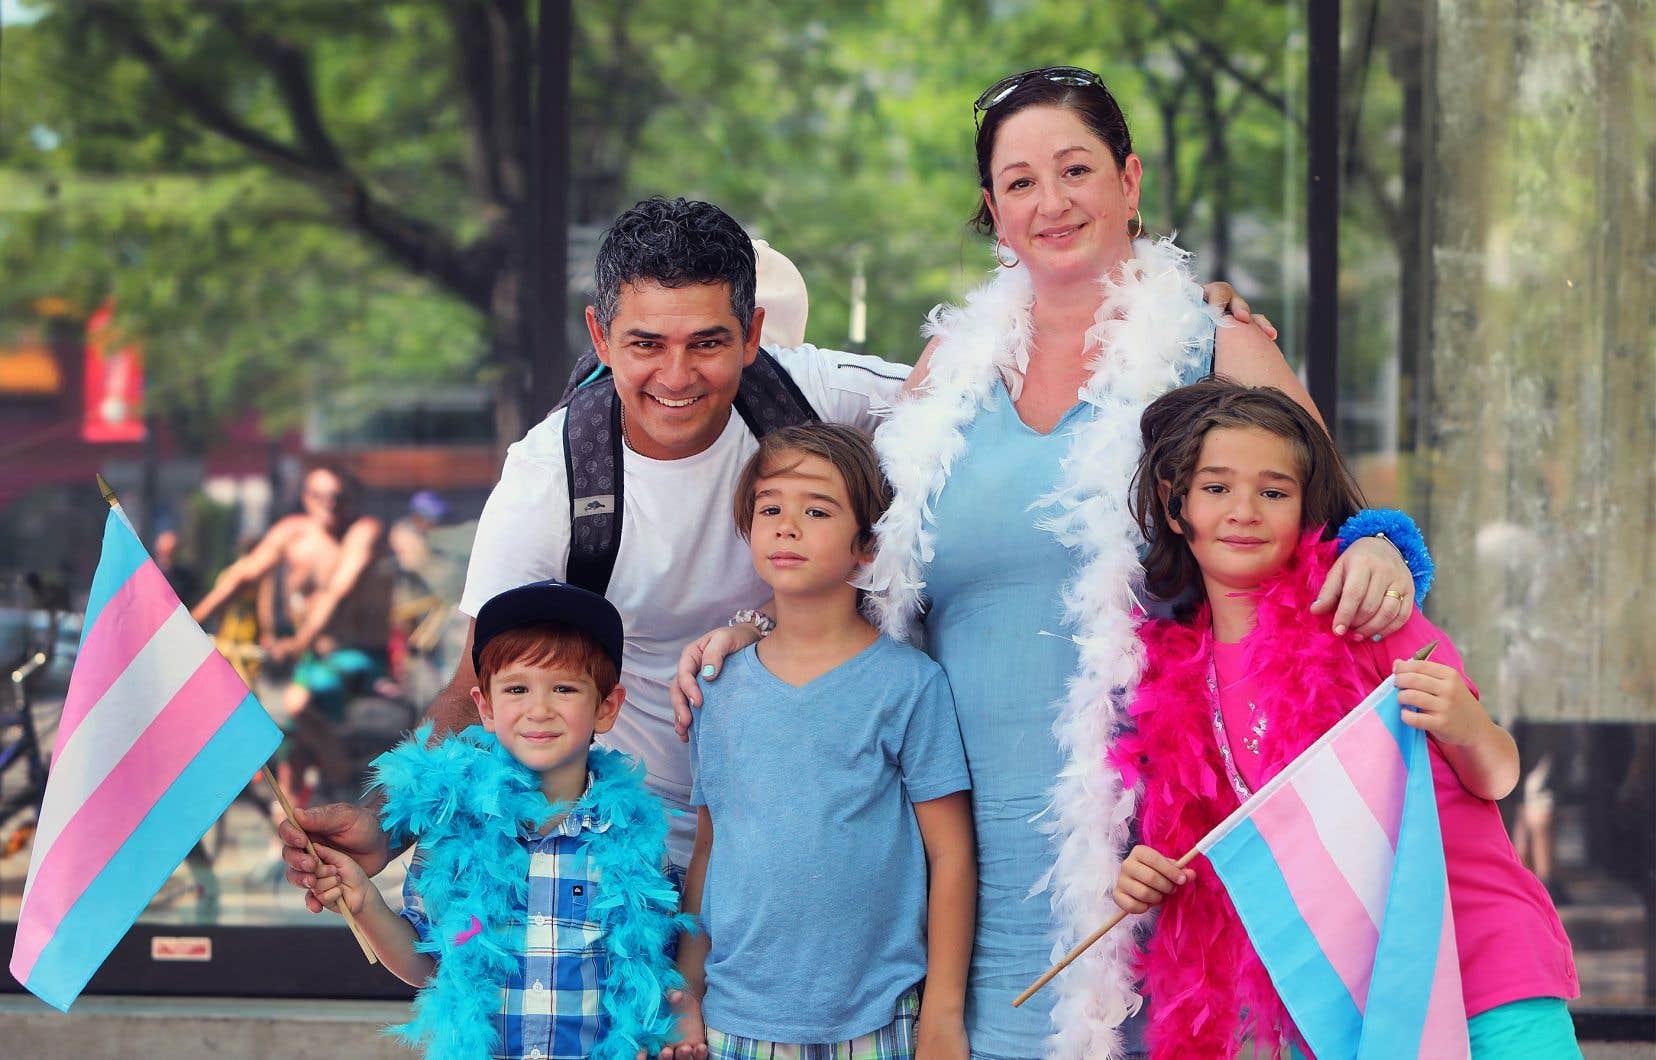 Les Rodriguez et leurs enfants (de gauche à droite) Julian, Adrian et Dilana ont déambulé, drapeaux en main, auprès de Dilana, qui assume sa nouvelle identité de fille depuis quelques mois.